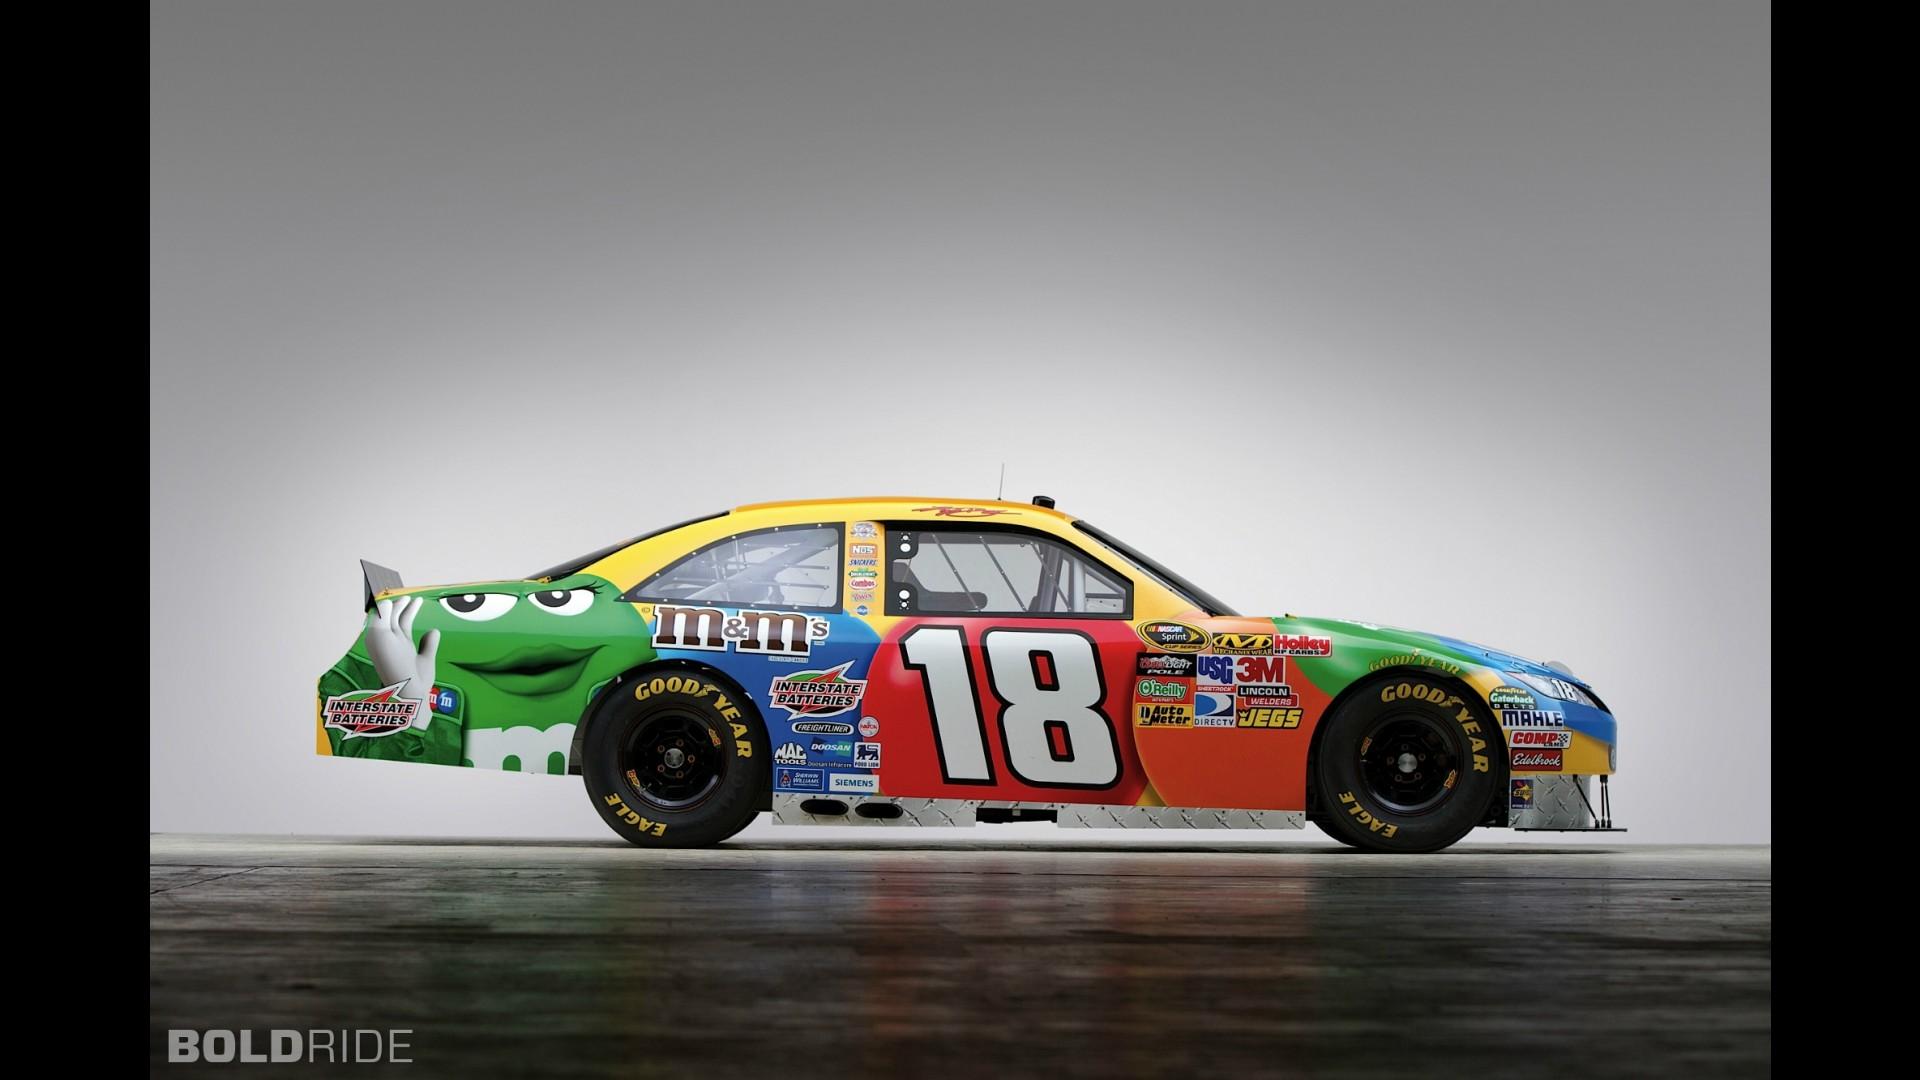 Toyota Camry Kyle Busch #18 NASCAR Race Car